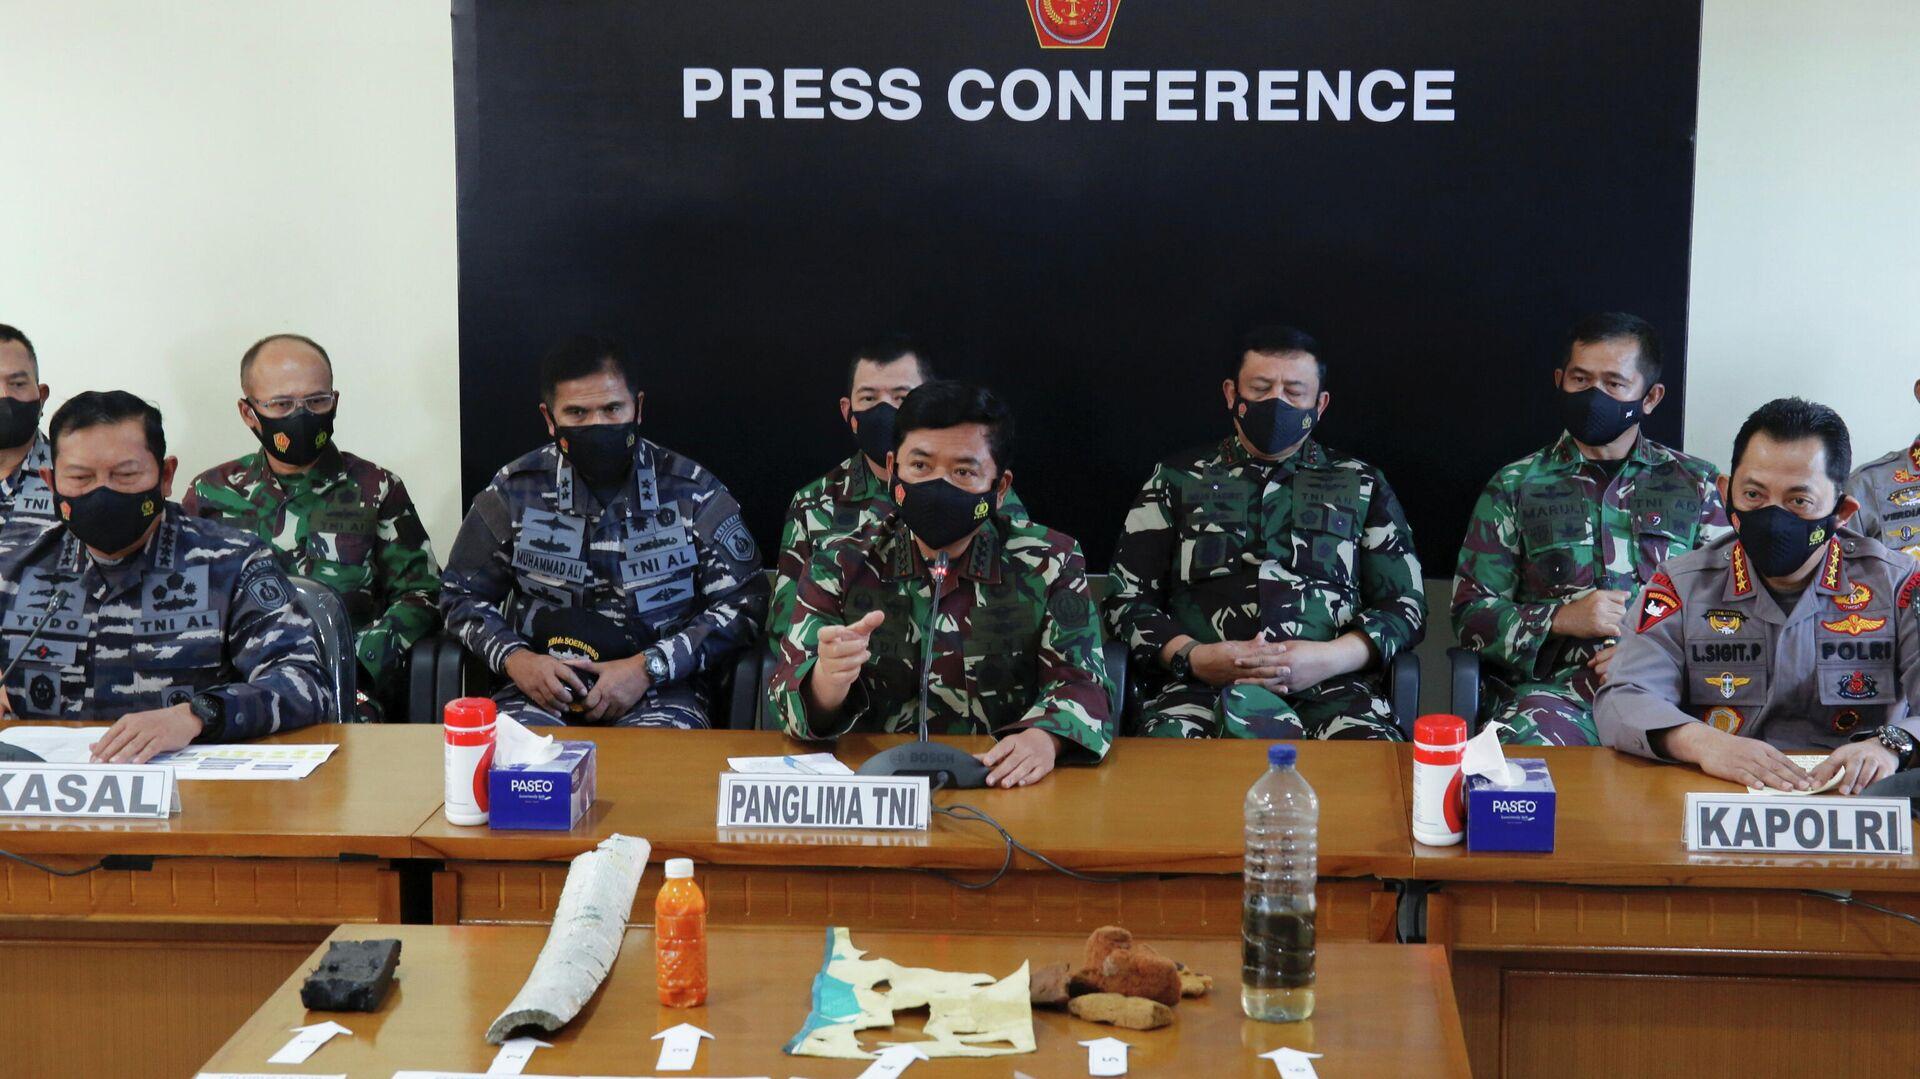 La conferencia de prensa de altos mandos militares tras el hallazgo del submarino KRI Nanggala 402 - Sputnik Mundo, 1920, 26.04.2021